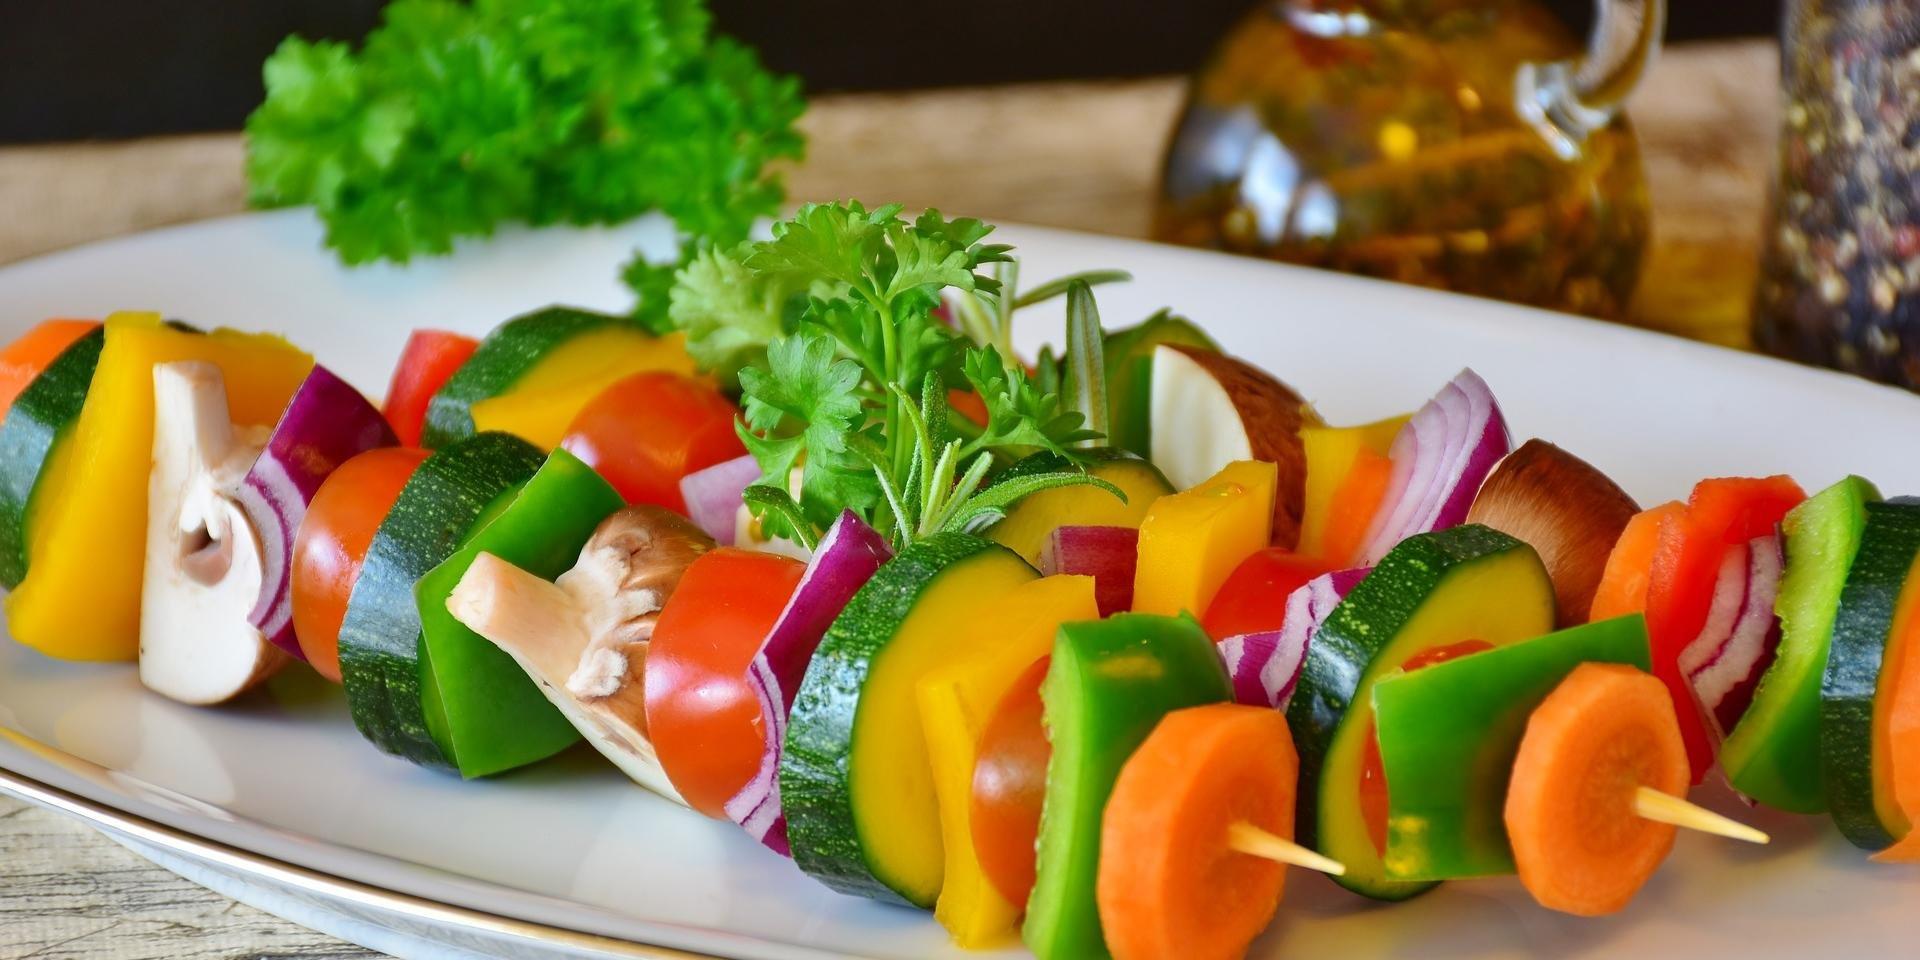 Autora do artigo associa a adesão à Dieta Mediterrânea com a preservação das estruturas óssea e muscular e conta que este padrão alimentar é caracterizado por um elevado consumo de frutas, vegetais, cereais integrais, oleaginosas e azeite de oliva como fonte principal de gordura